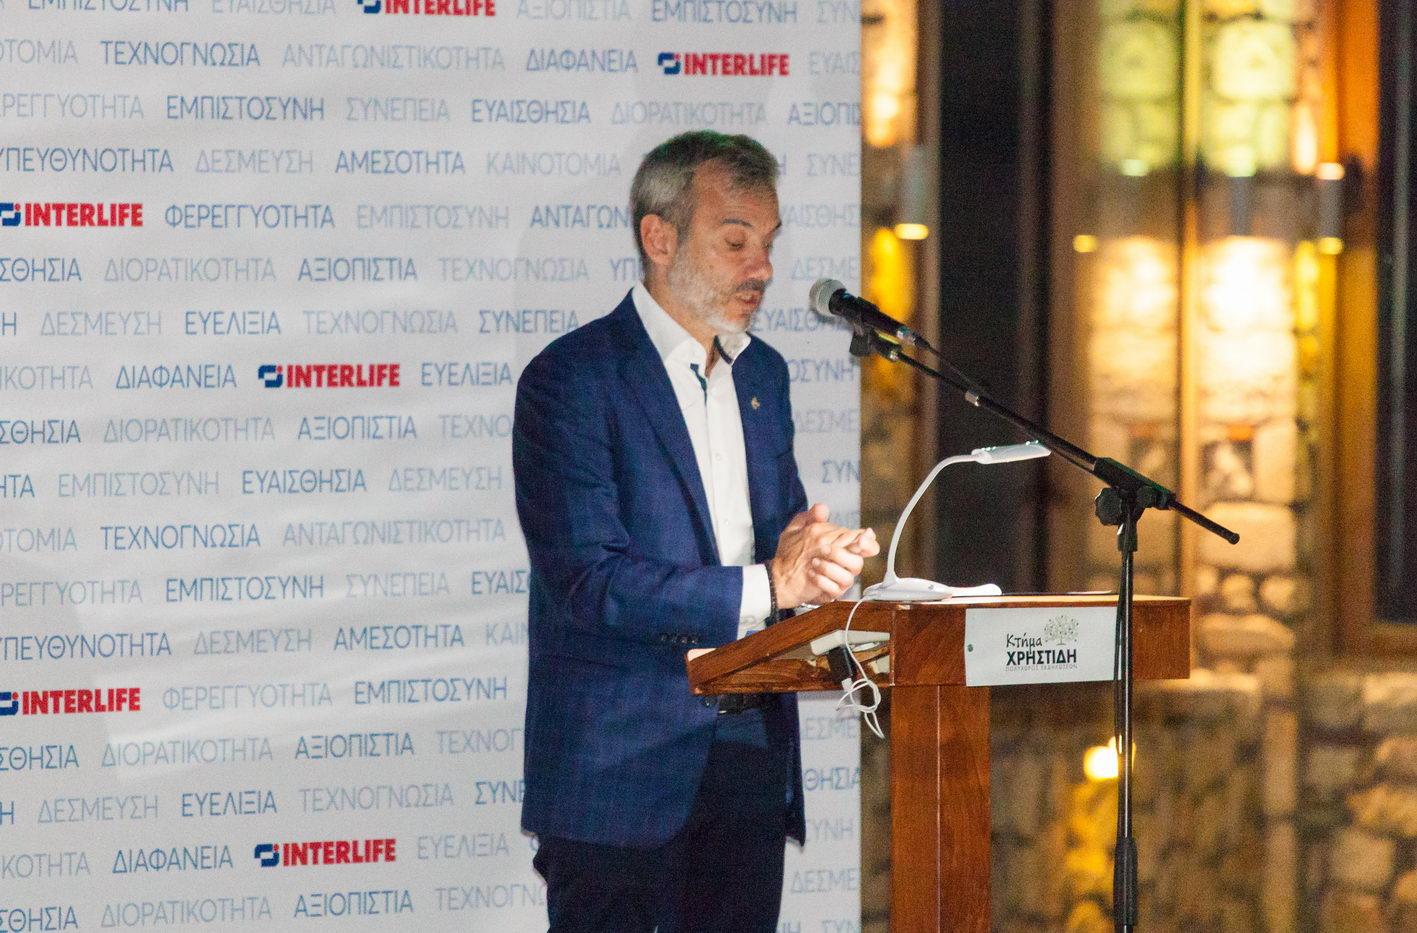 Κωνσταντίνος Ζέρβας INTERLIFE Γενική Συνέλευση 2020